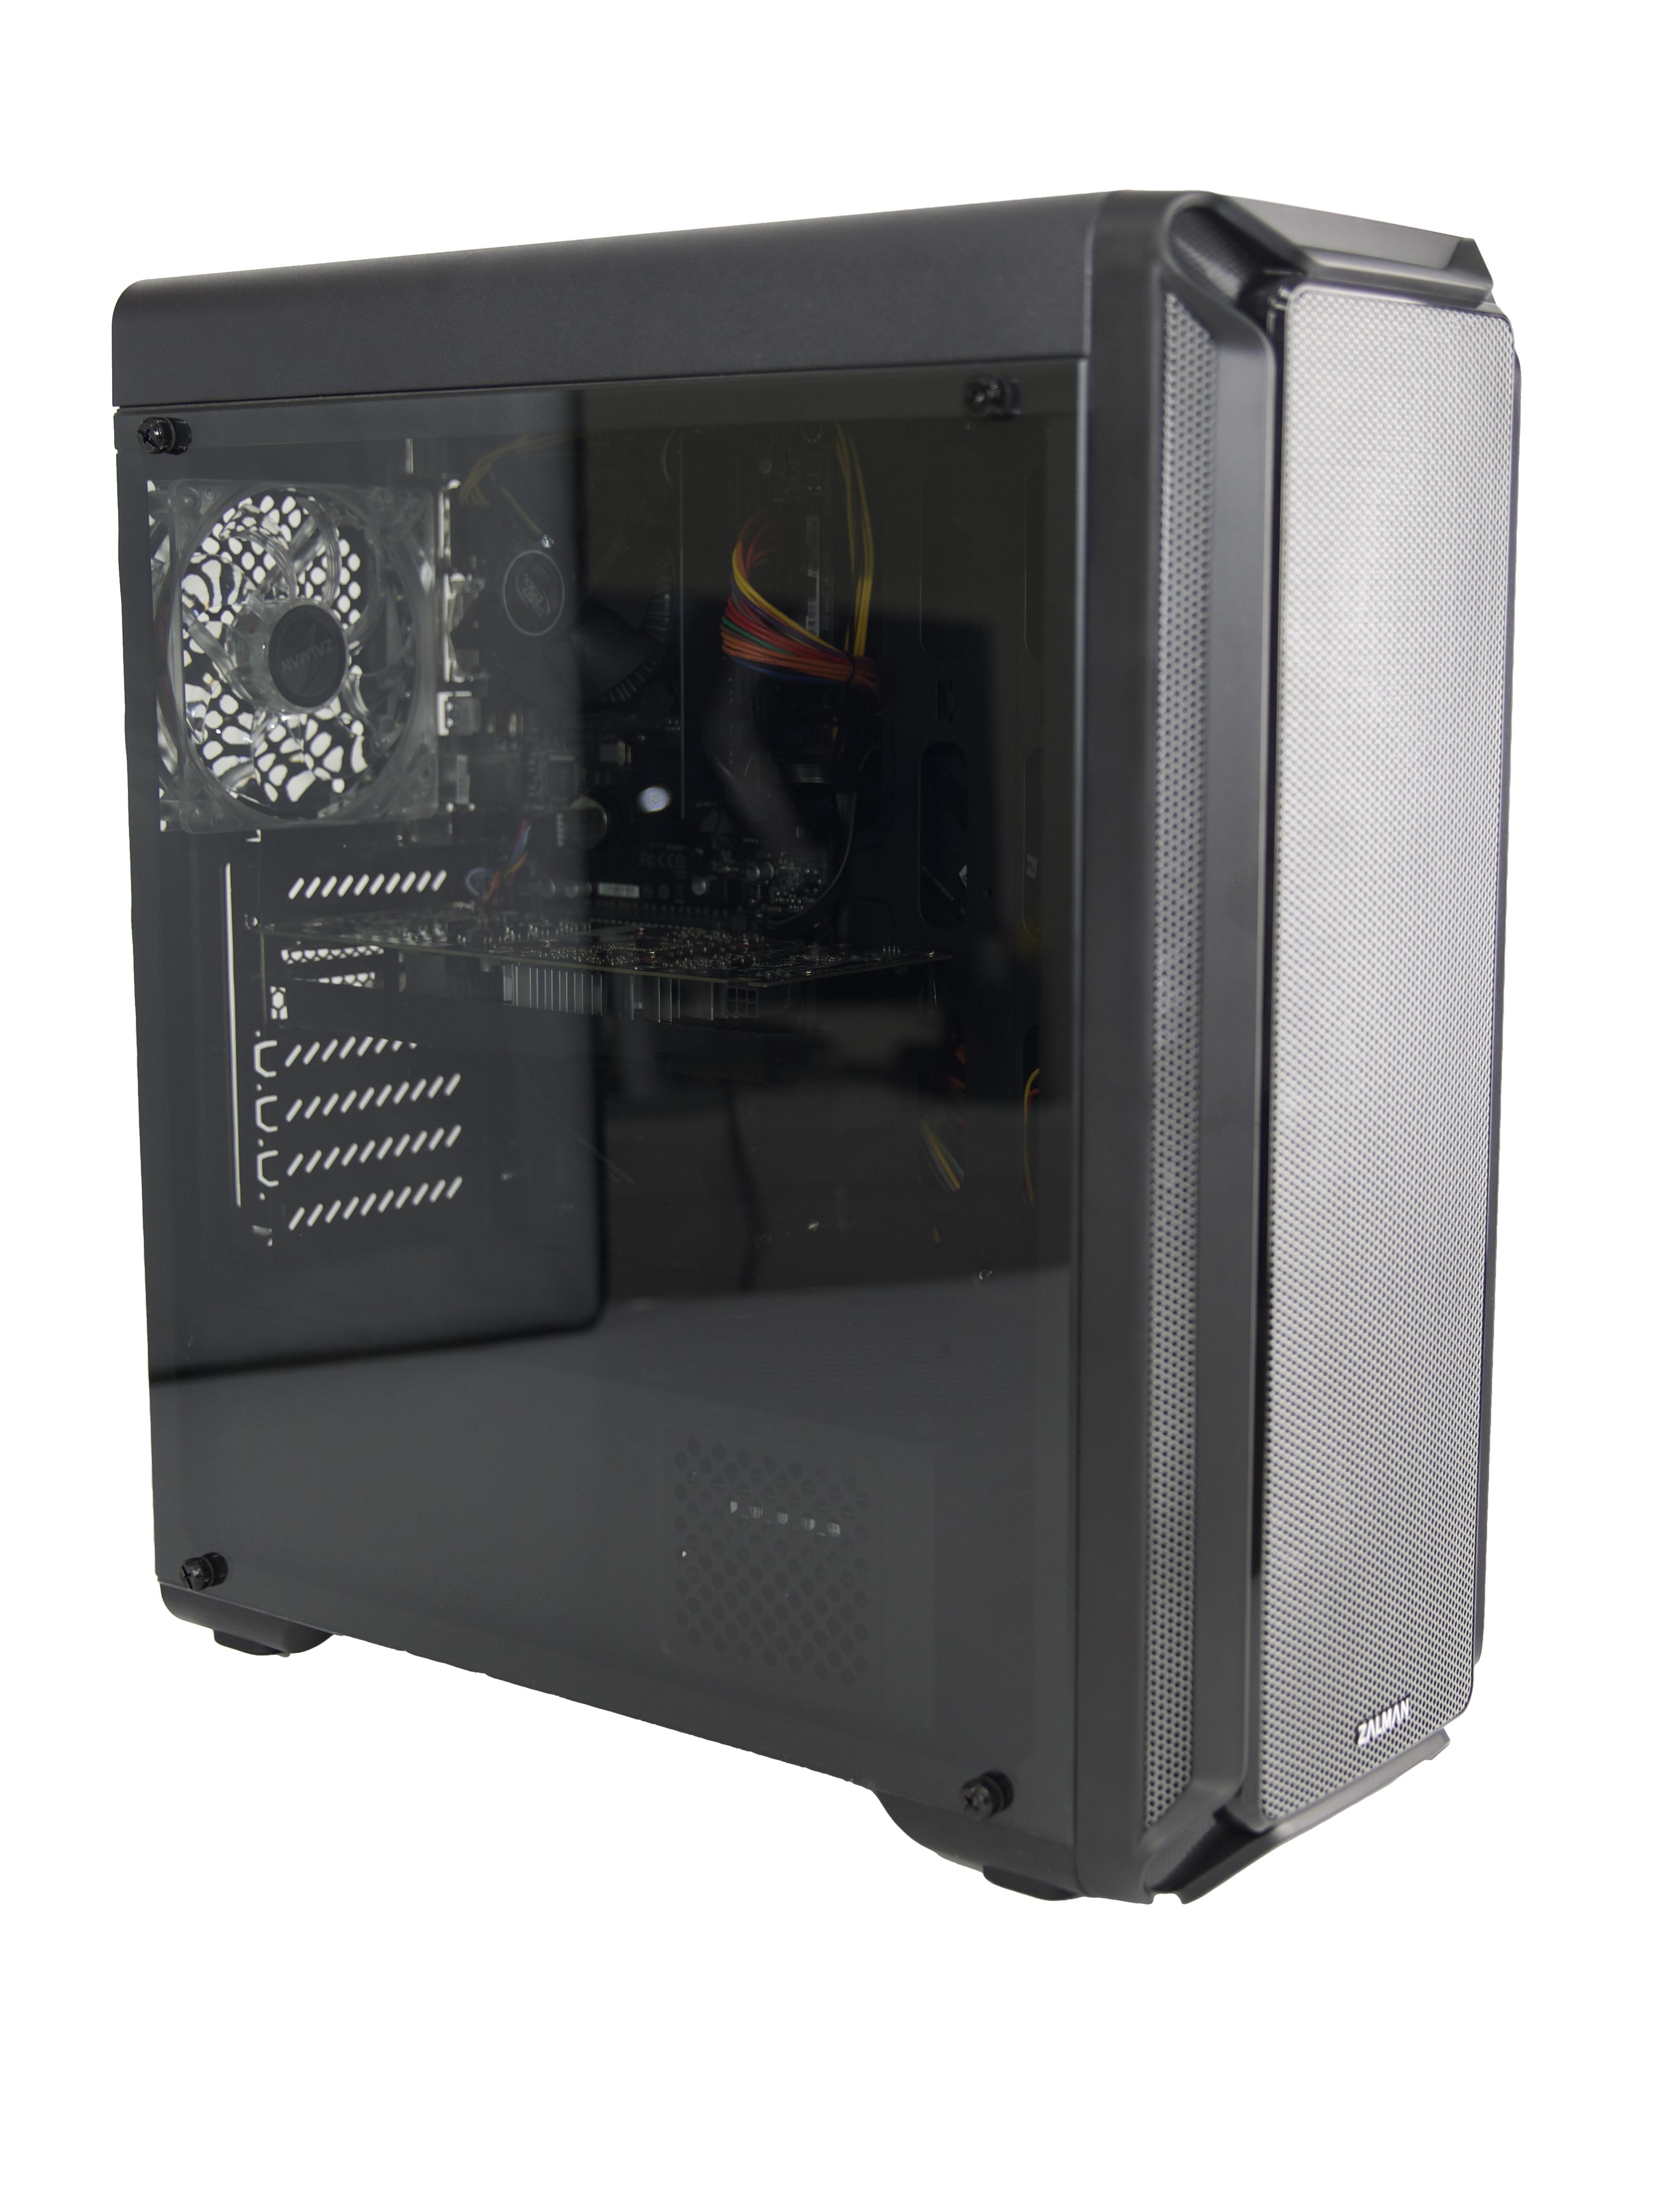 Системный блок Robotcomp Игровой компьютер М-16 2.0, черный компьютер игровой